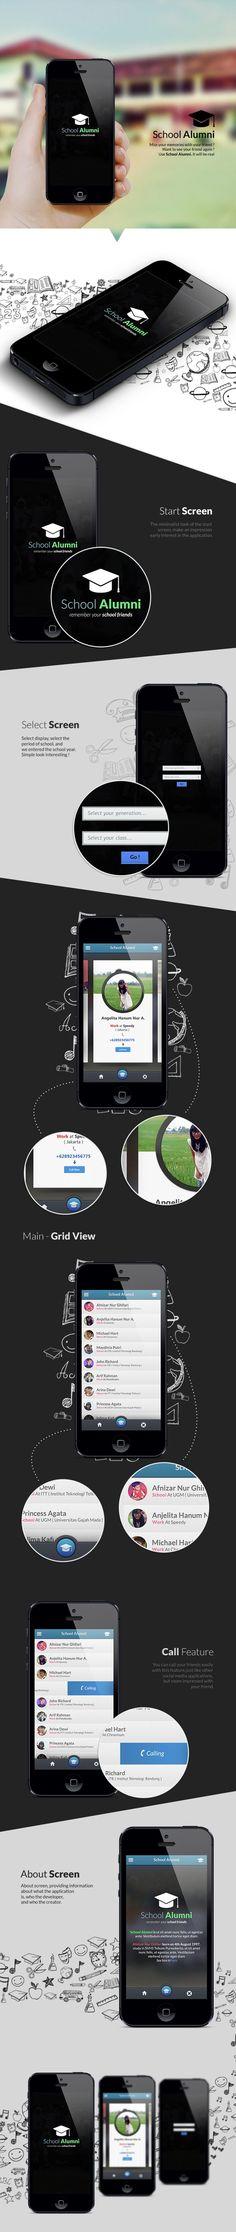 School Alumni Iphone Application concept by Afnizar Nur Ghifari